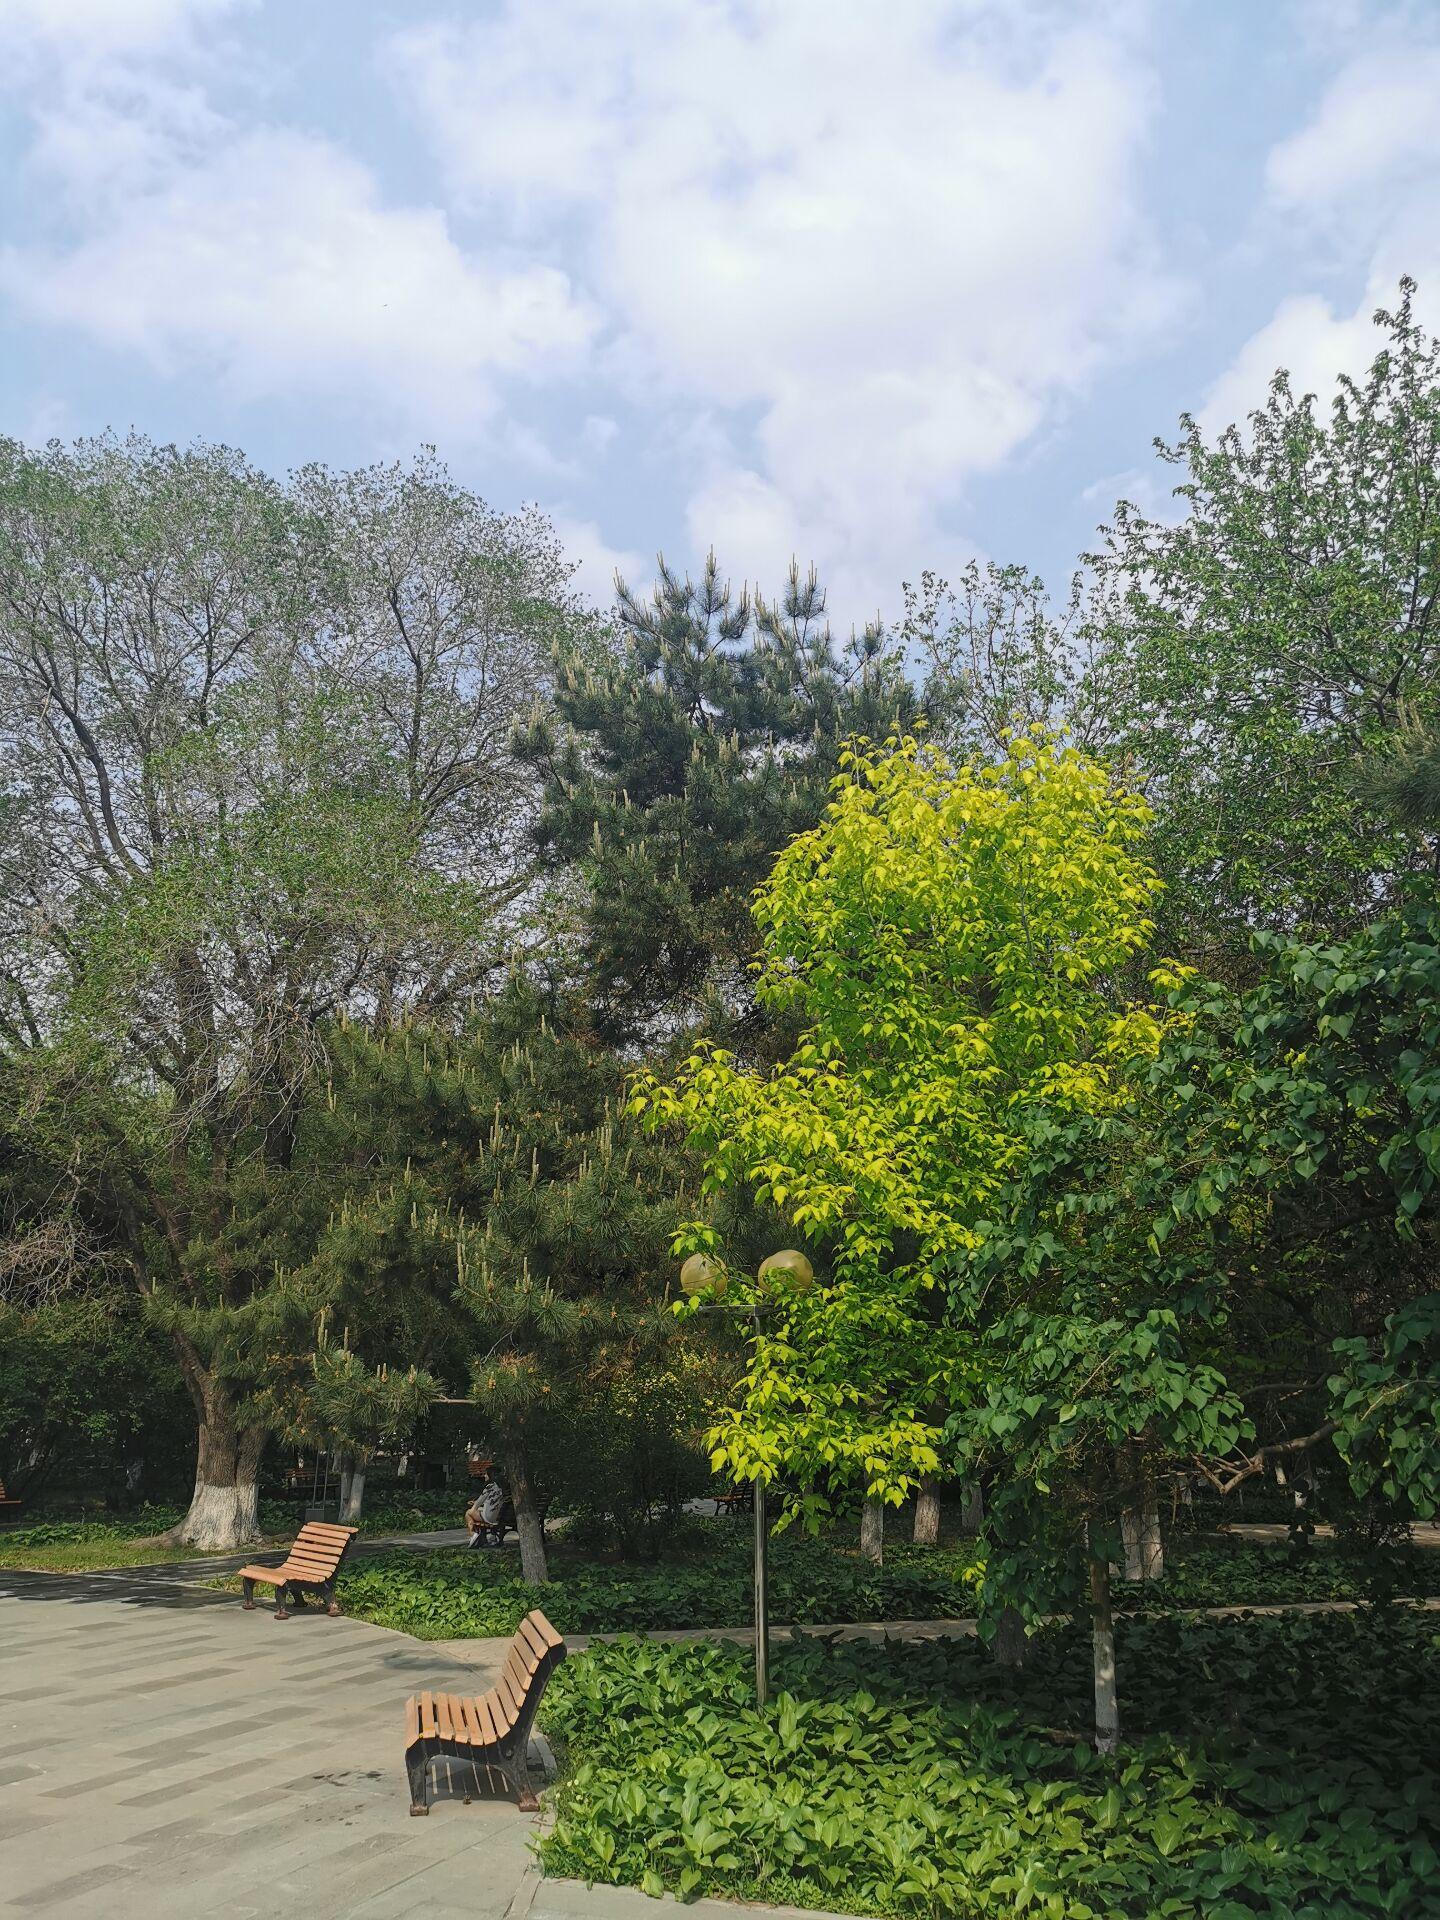 沈阳东北大学中心花园16.jpg